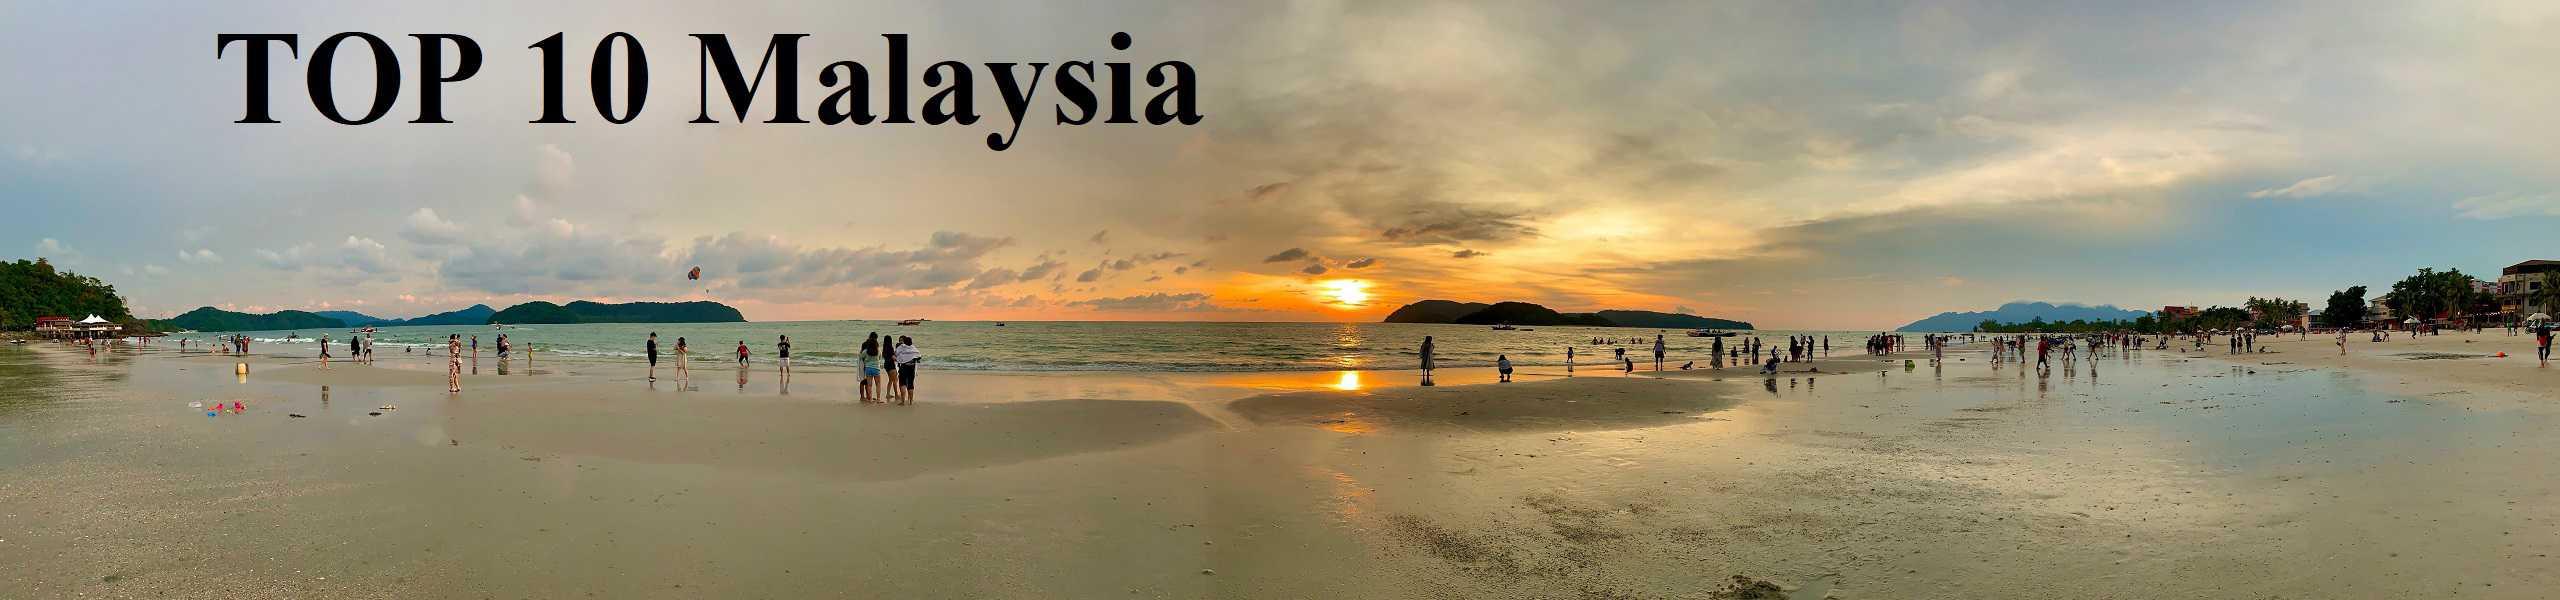 TOP 10 Malaysia chi tiết về điểm tham quan, vui chơi, ăn uống, mua sắm, khách sạn...